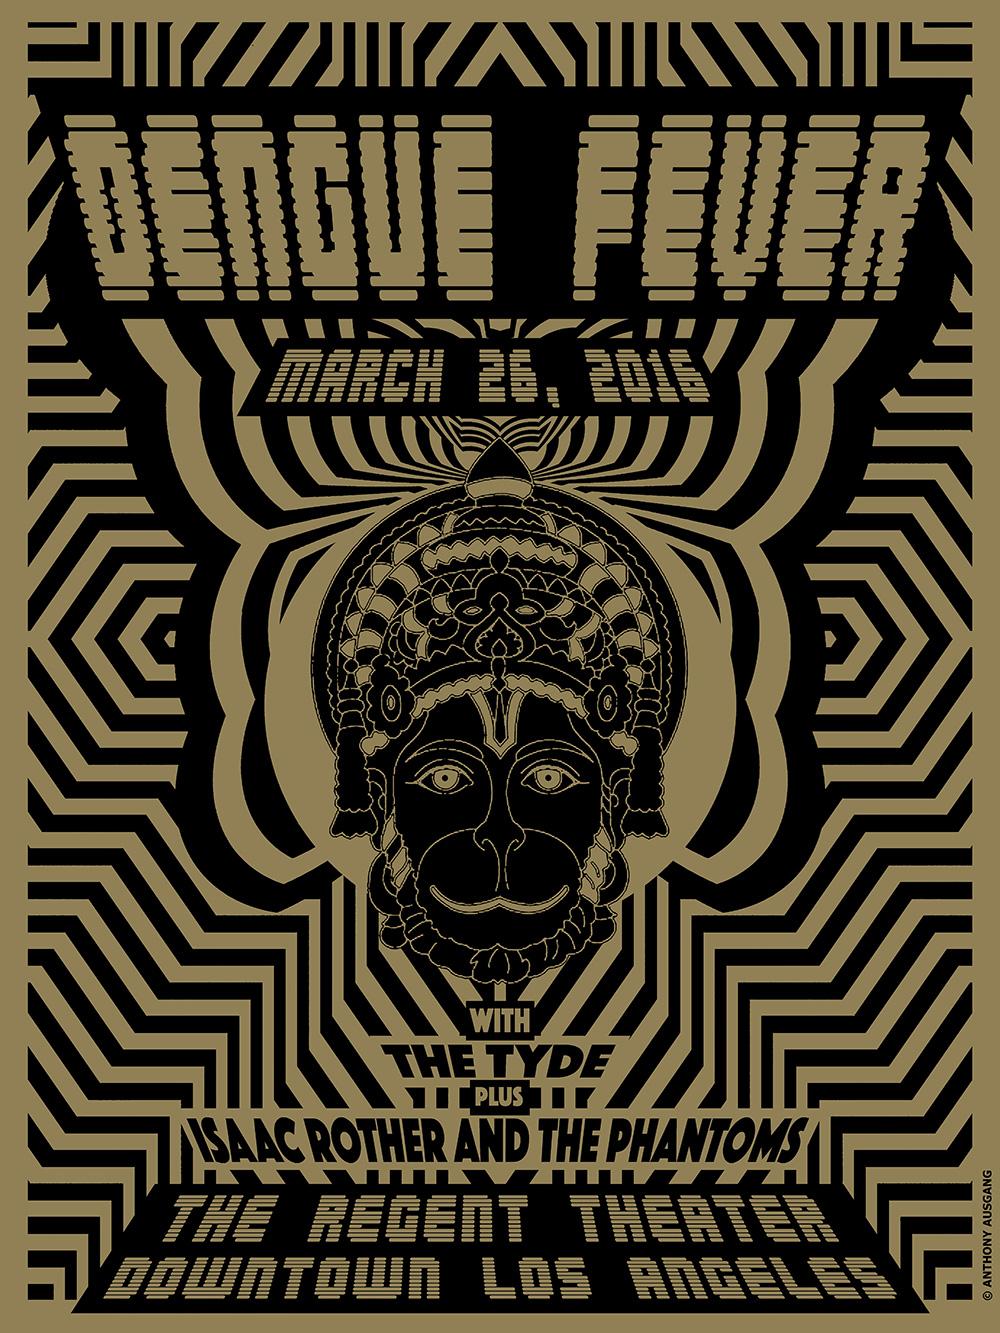 Hanuman Show Poster - Dengue Fever Music